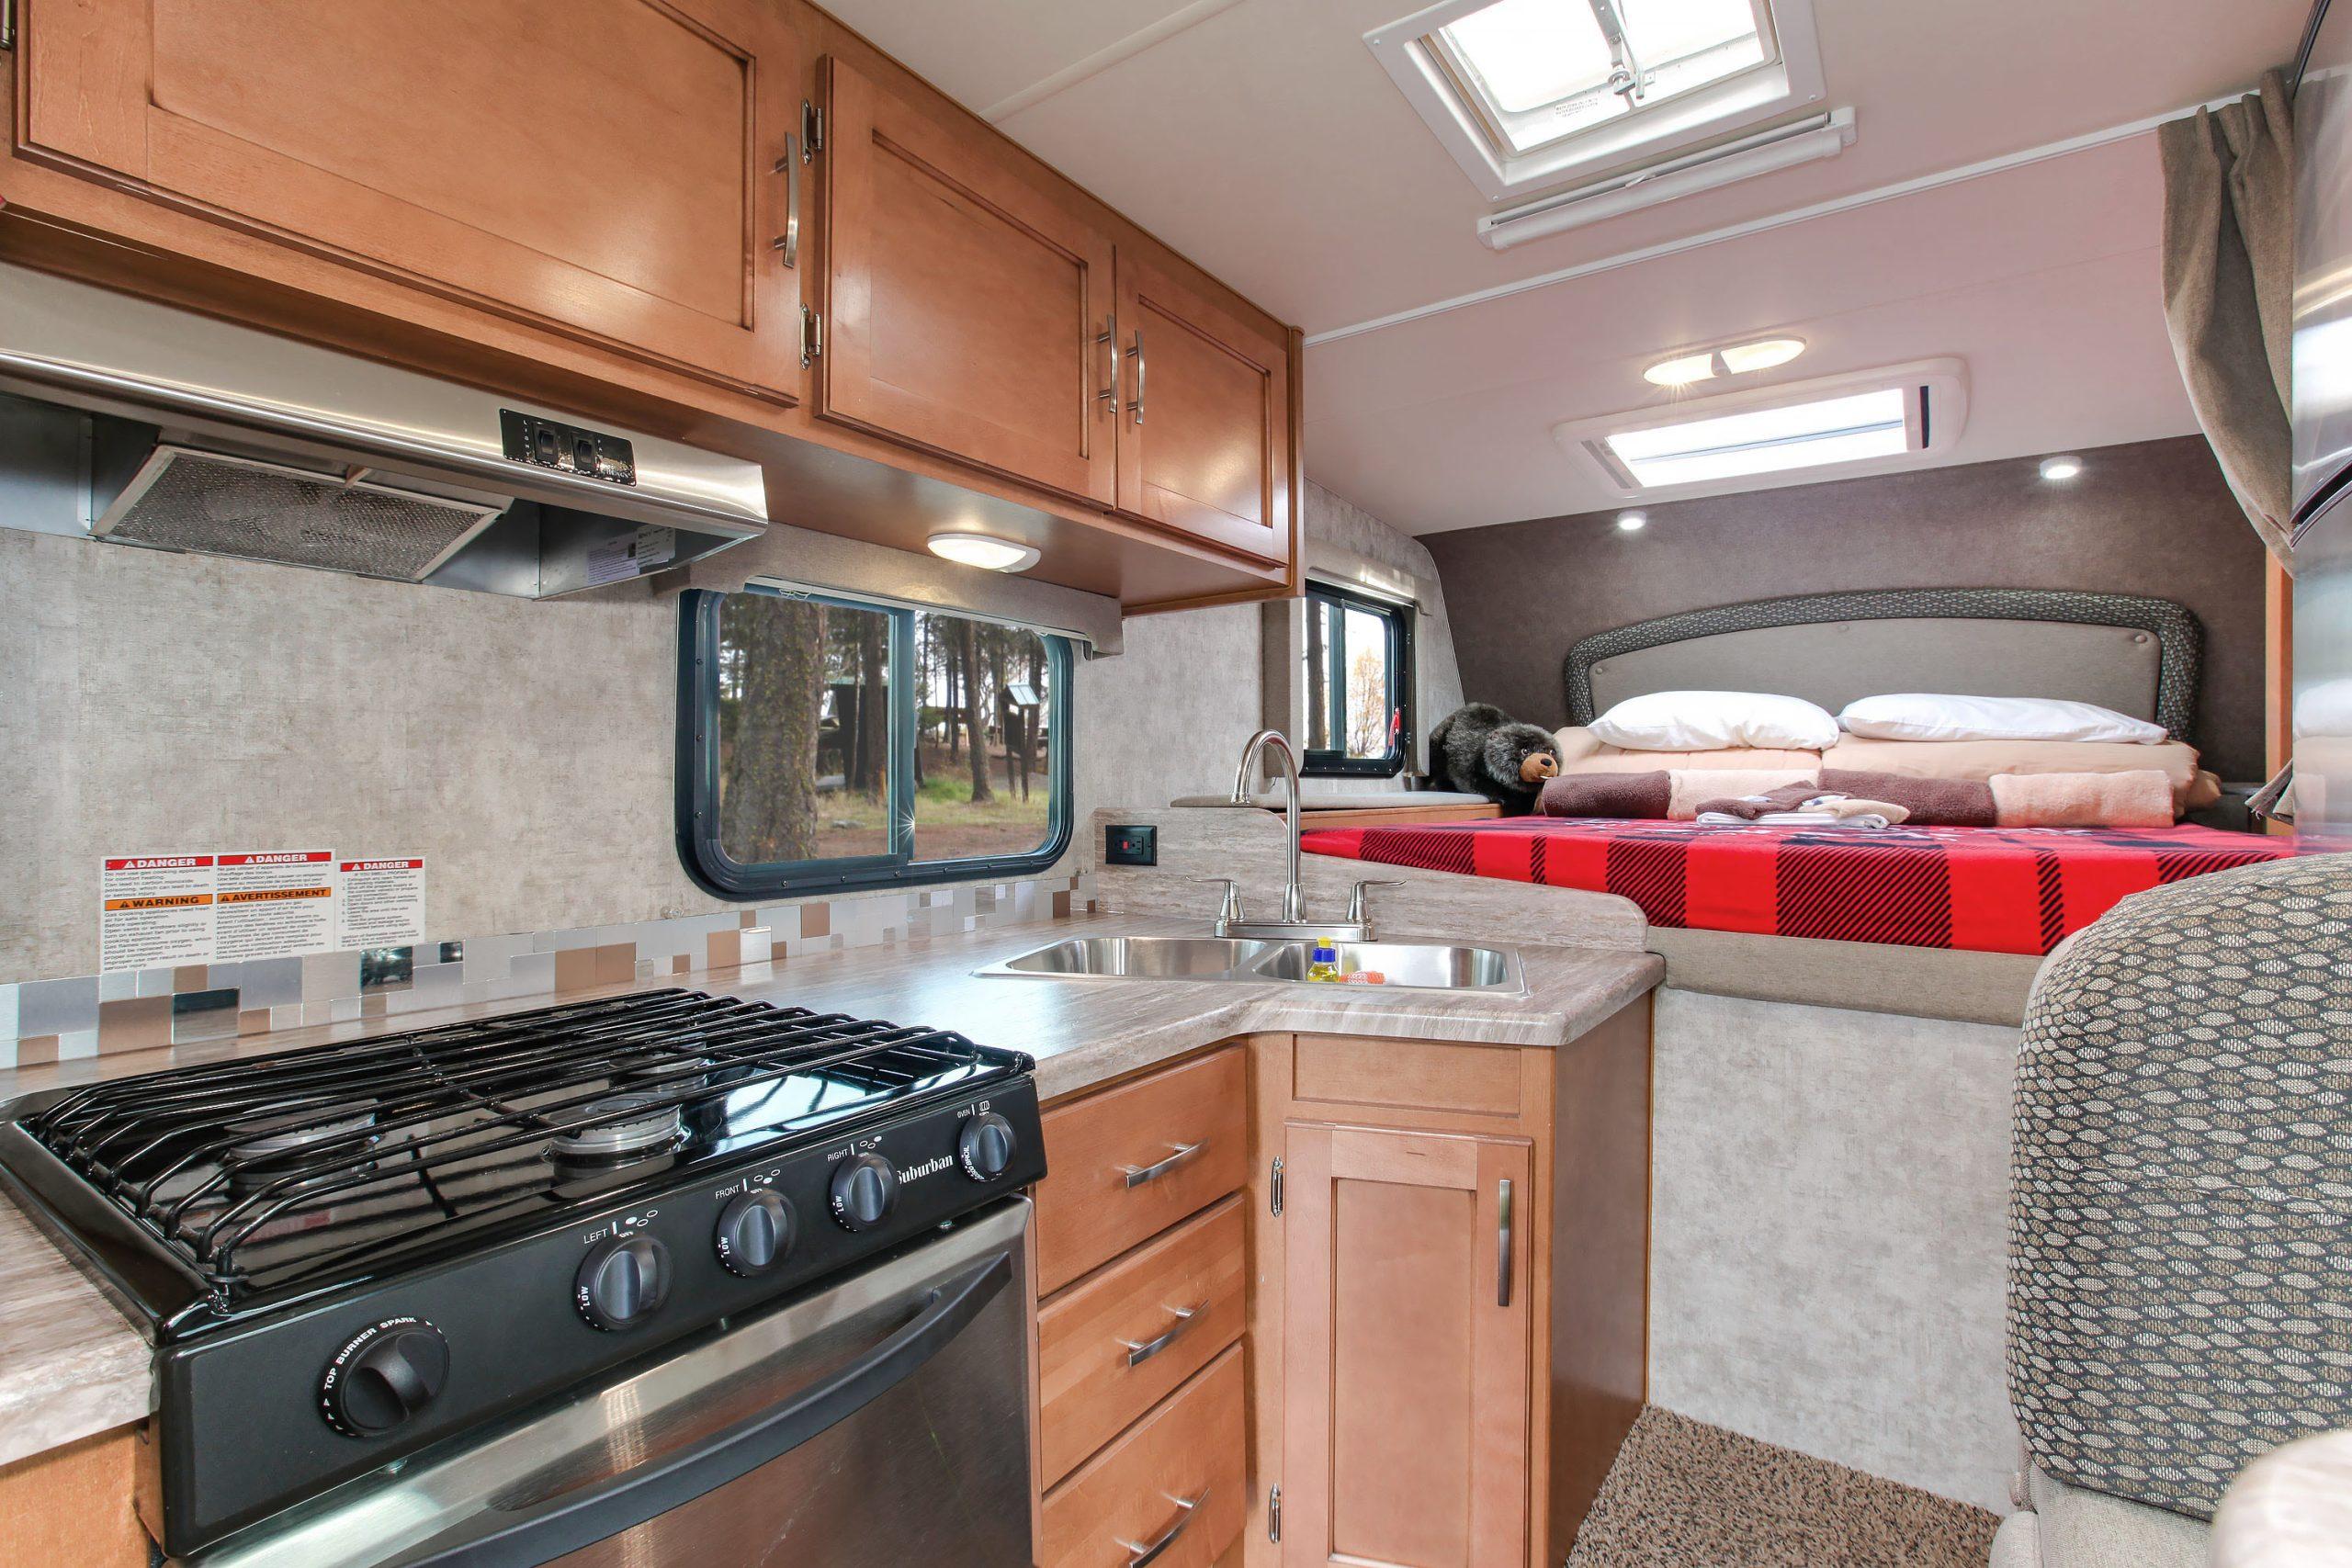 Truck Camper køkken og sengeplads